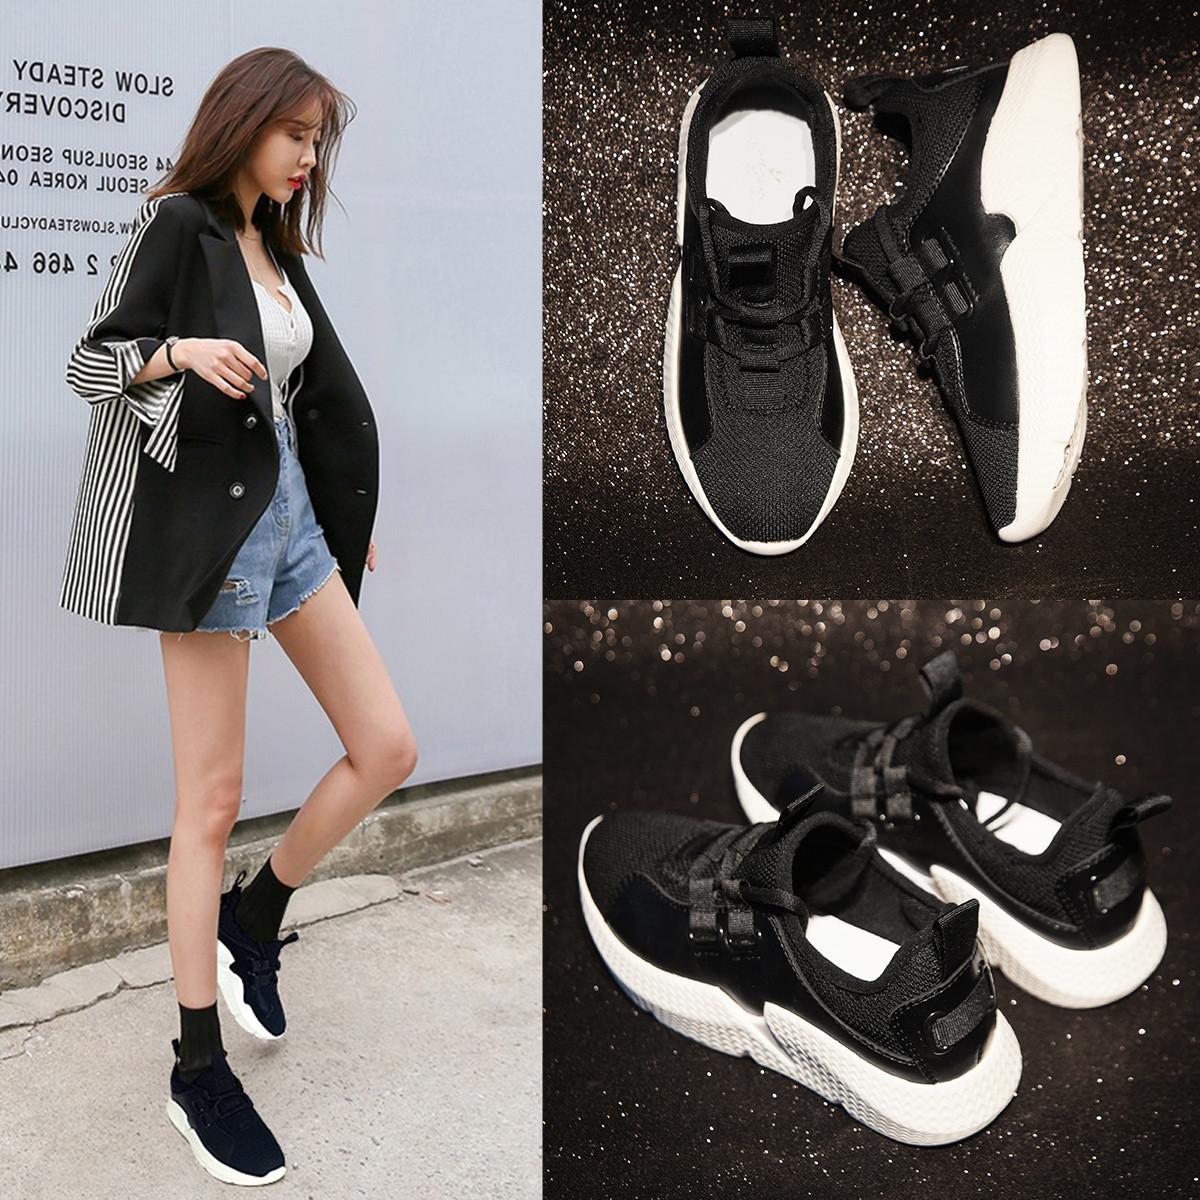 毅雅真皮女士小白鞋2019新款女鞋休闲鞋百搭轻便透气运动鞋跑步鞋WP9WK252903